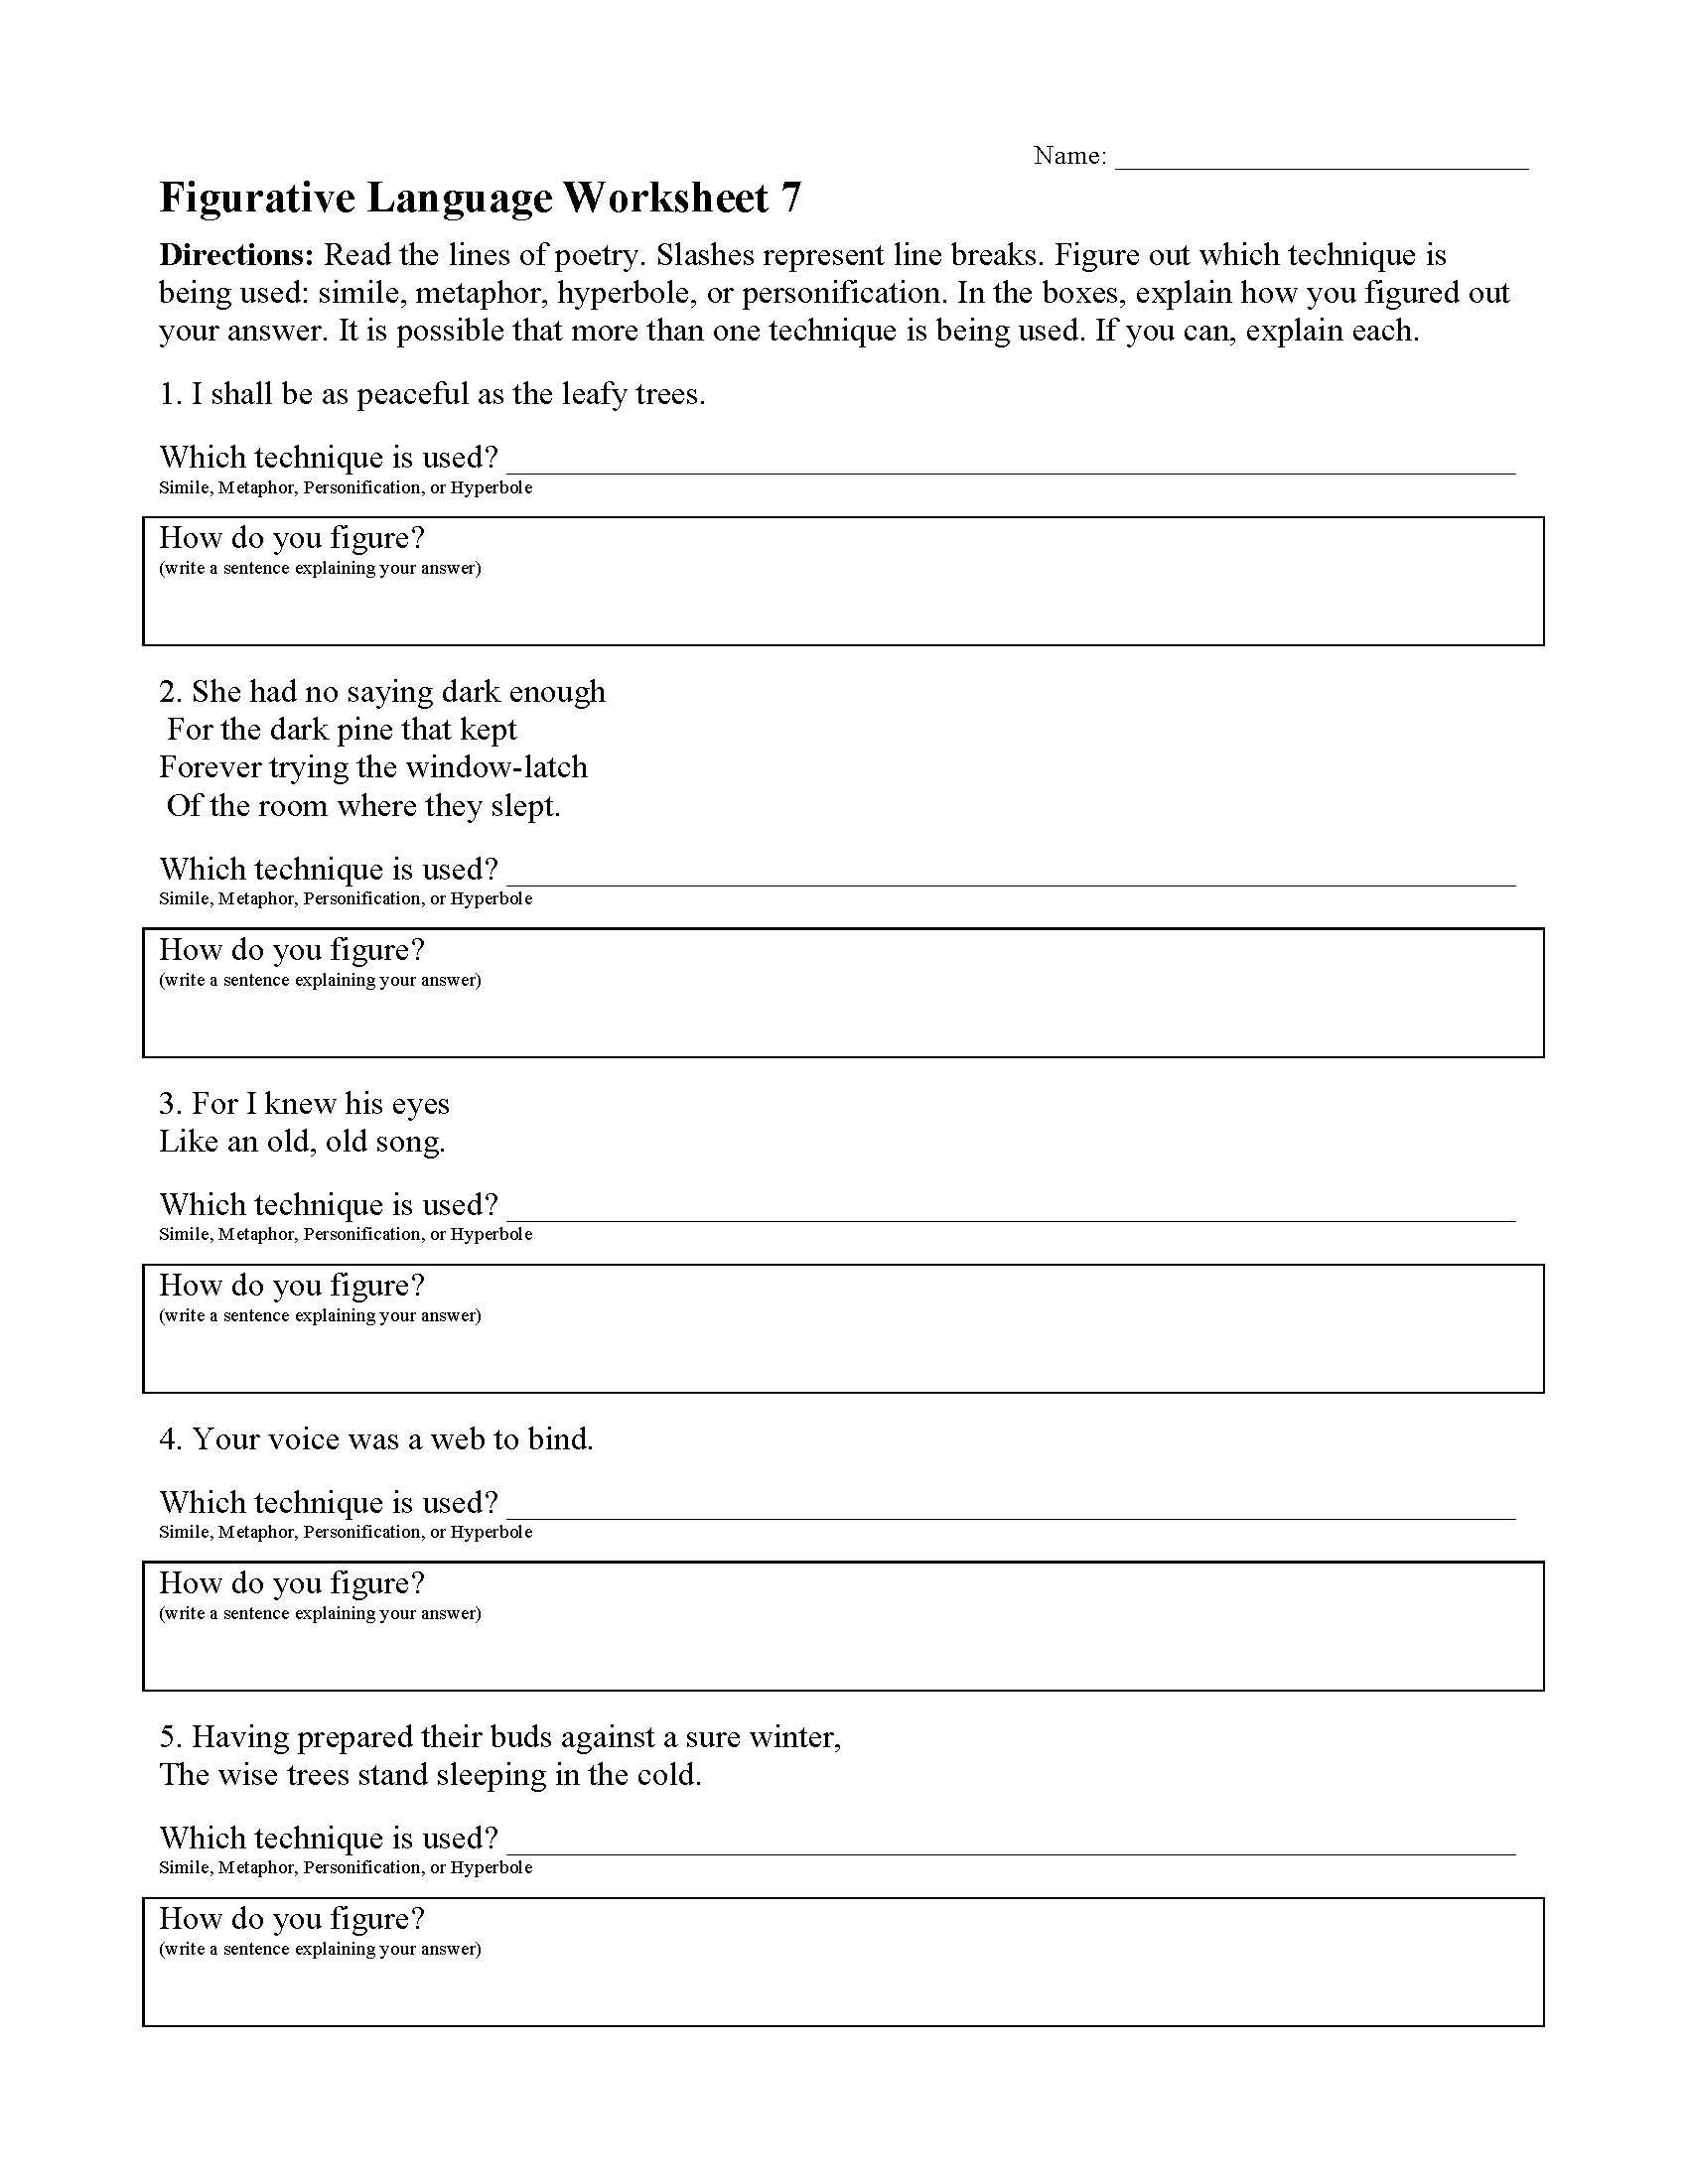 Figurative Language Worksheet 7